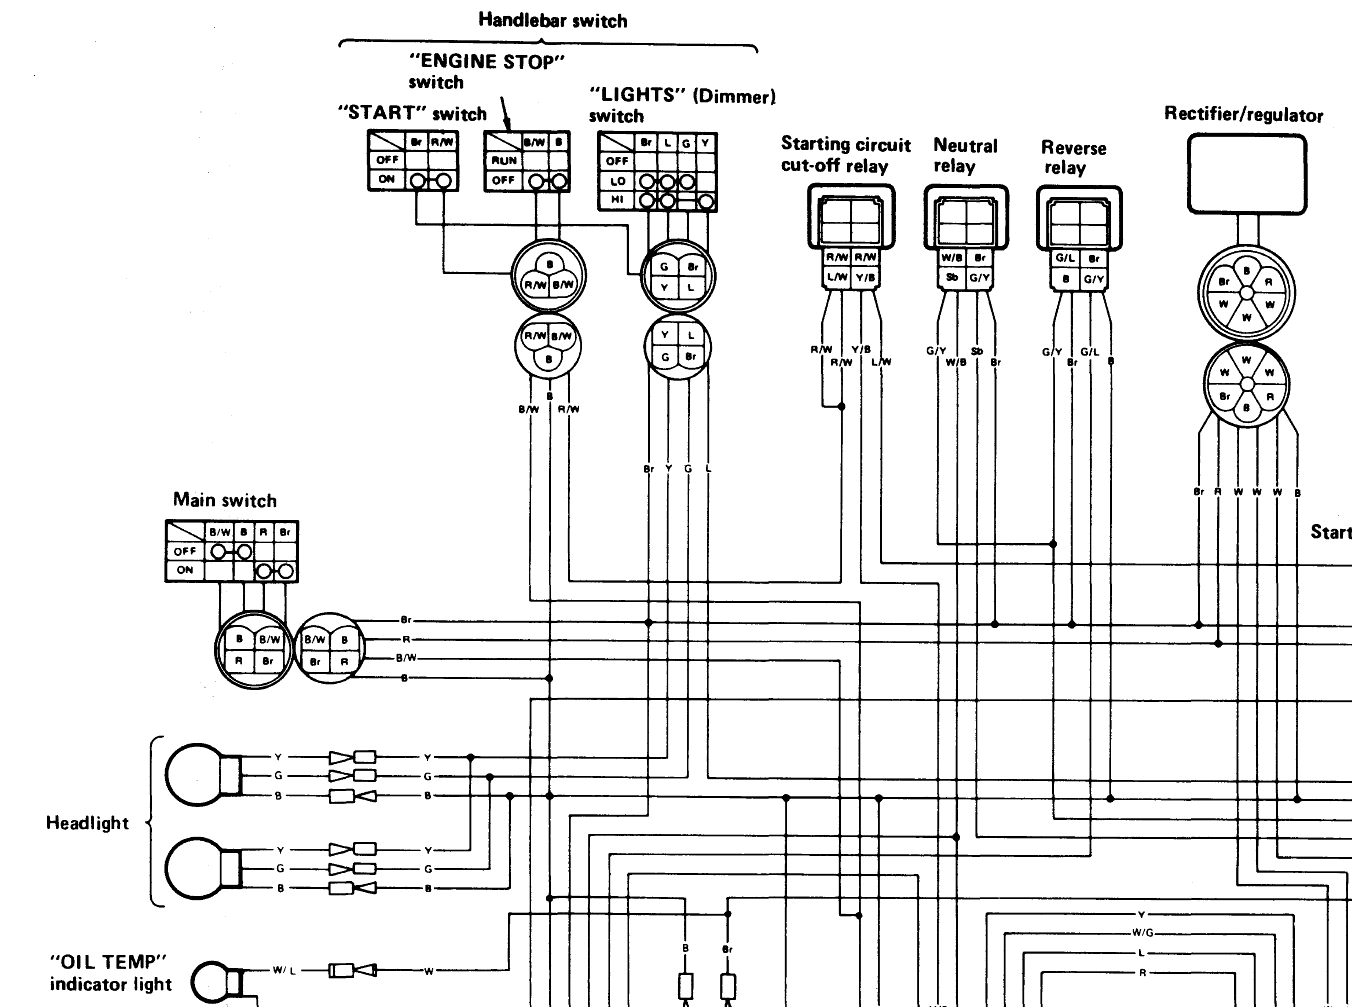 big bear 400 wiring diagram 35c1508 kodiak wiring diagram for 2014 wiring library  35c1508 kodiak wiring diagram for 2014